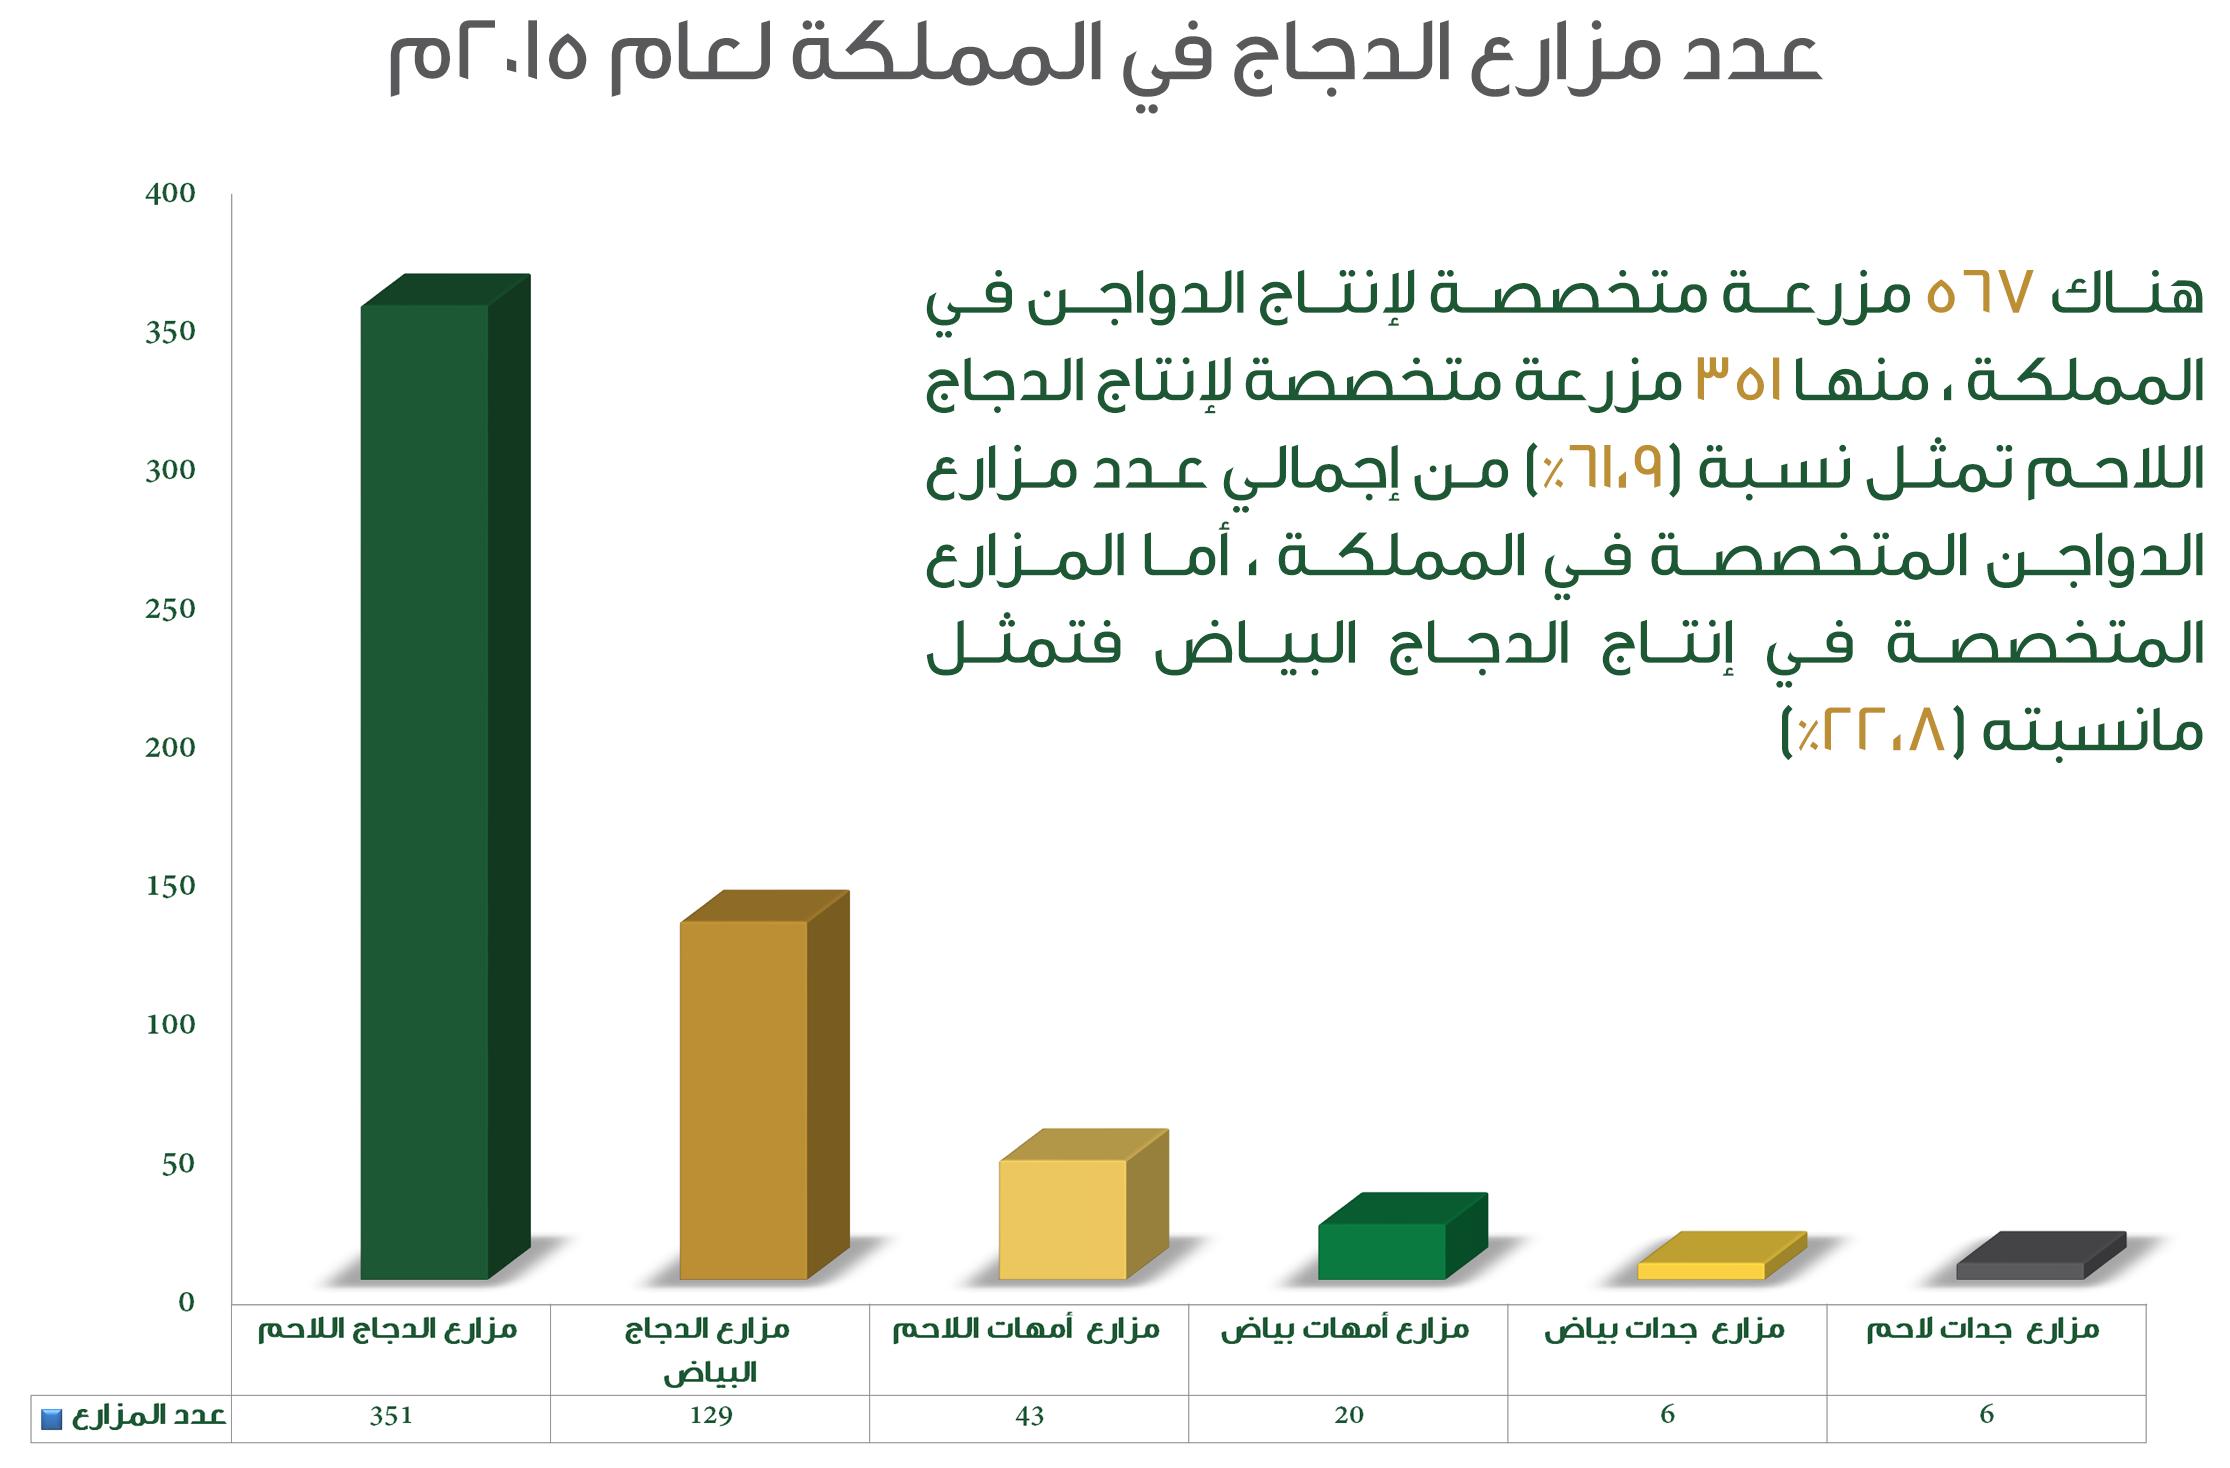 عدد مزارع الدجاج في المملكة لعام 2015م